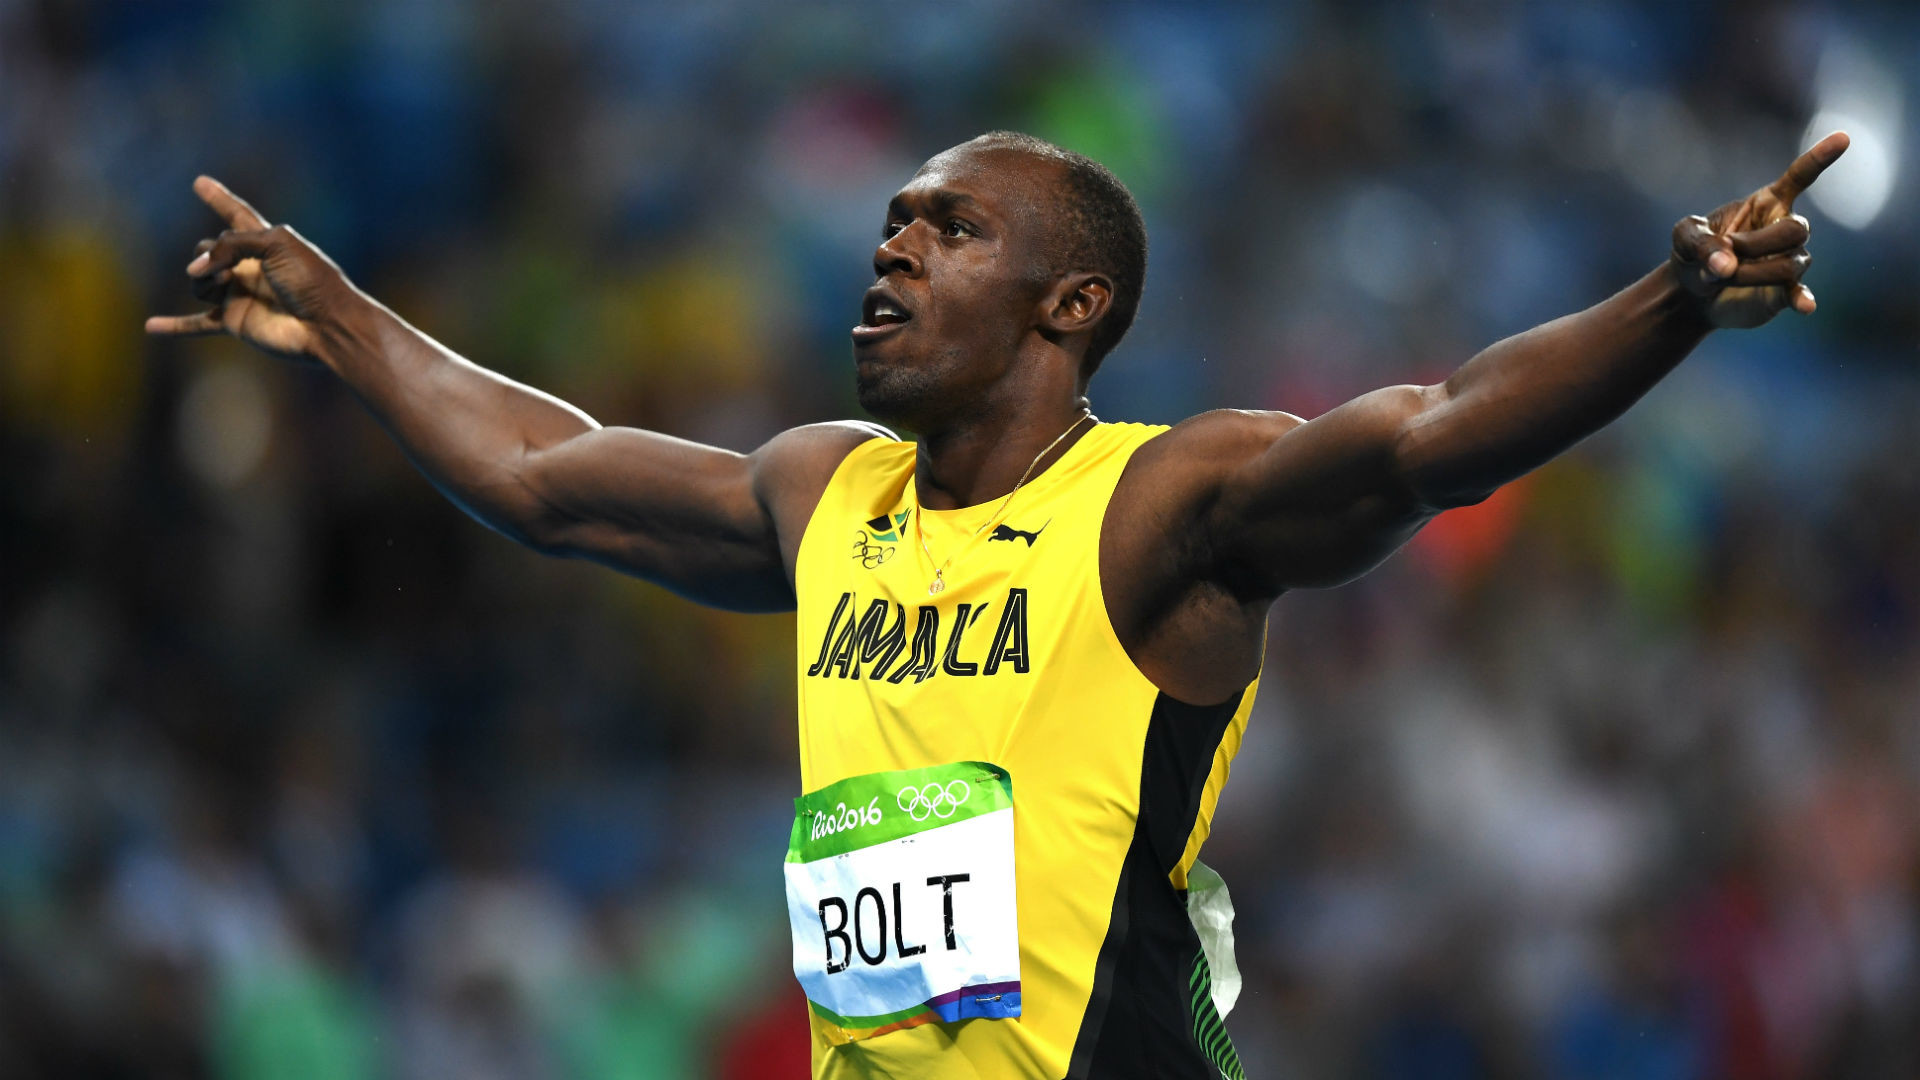 Momen dalam dunia olahraga paling tak terlupakan di satu dekade terakhir